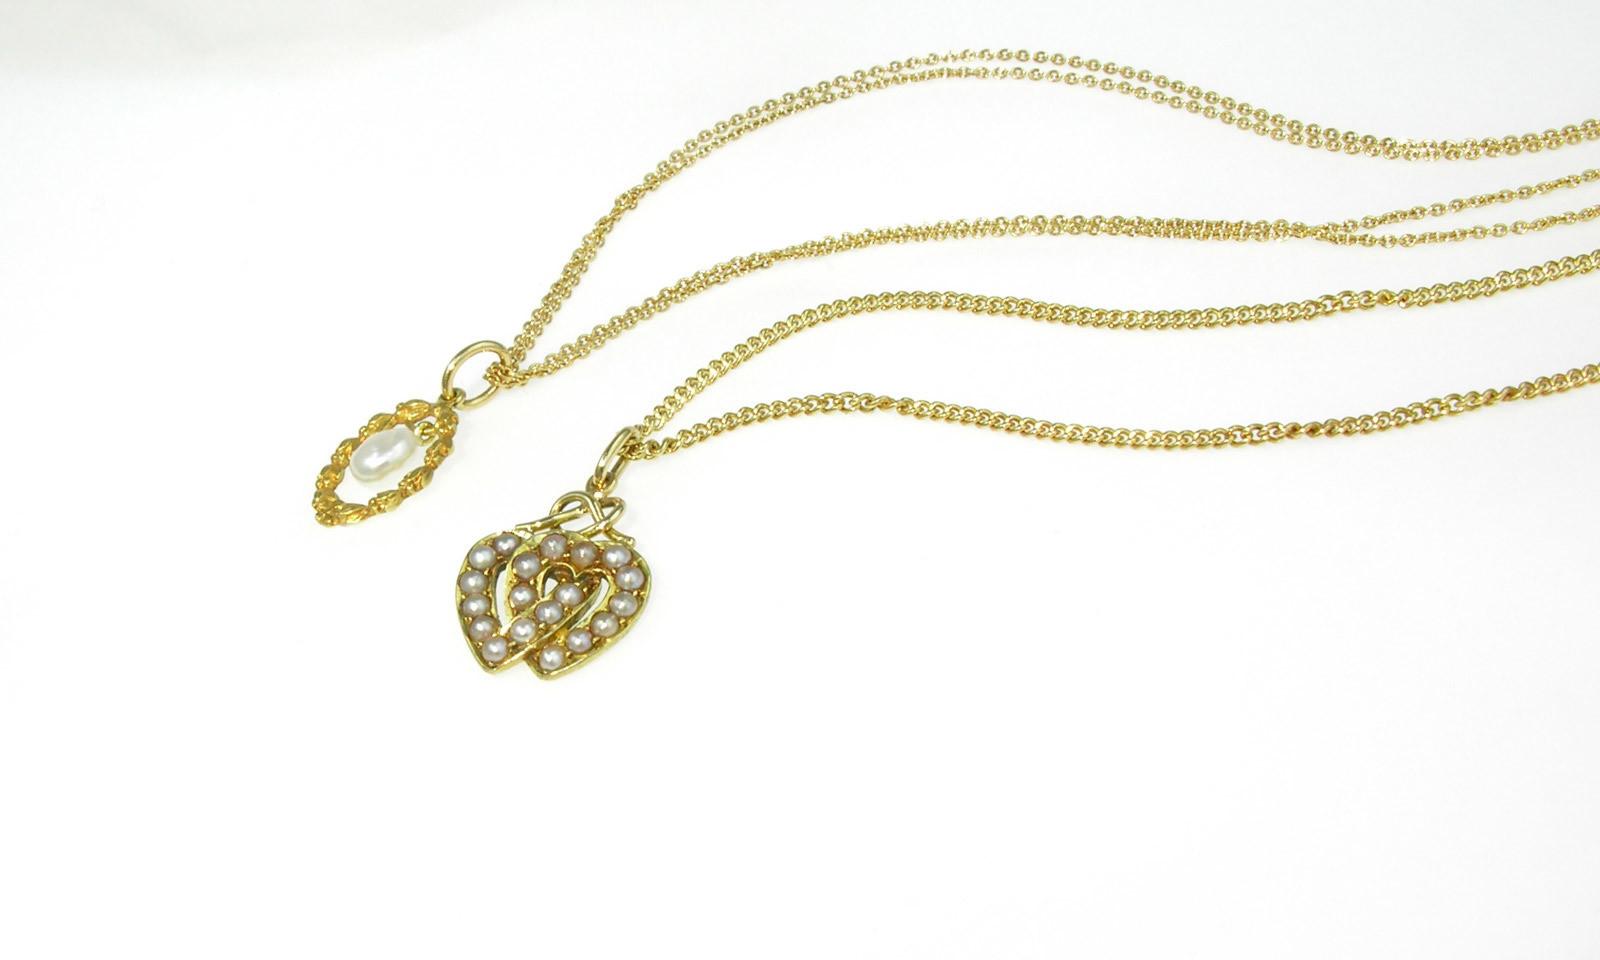 Anhaenger Perlen Antik. 2 Anhänger Gold 916 und 750 mit Naturperlen, Mitte 19. Jhd., je CHF 950.- (ohne Kette)